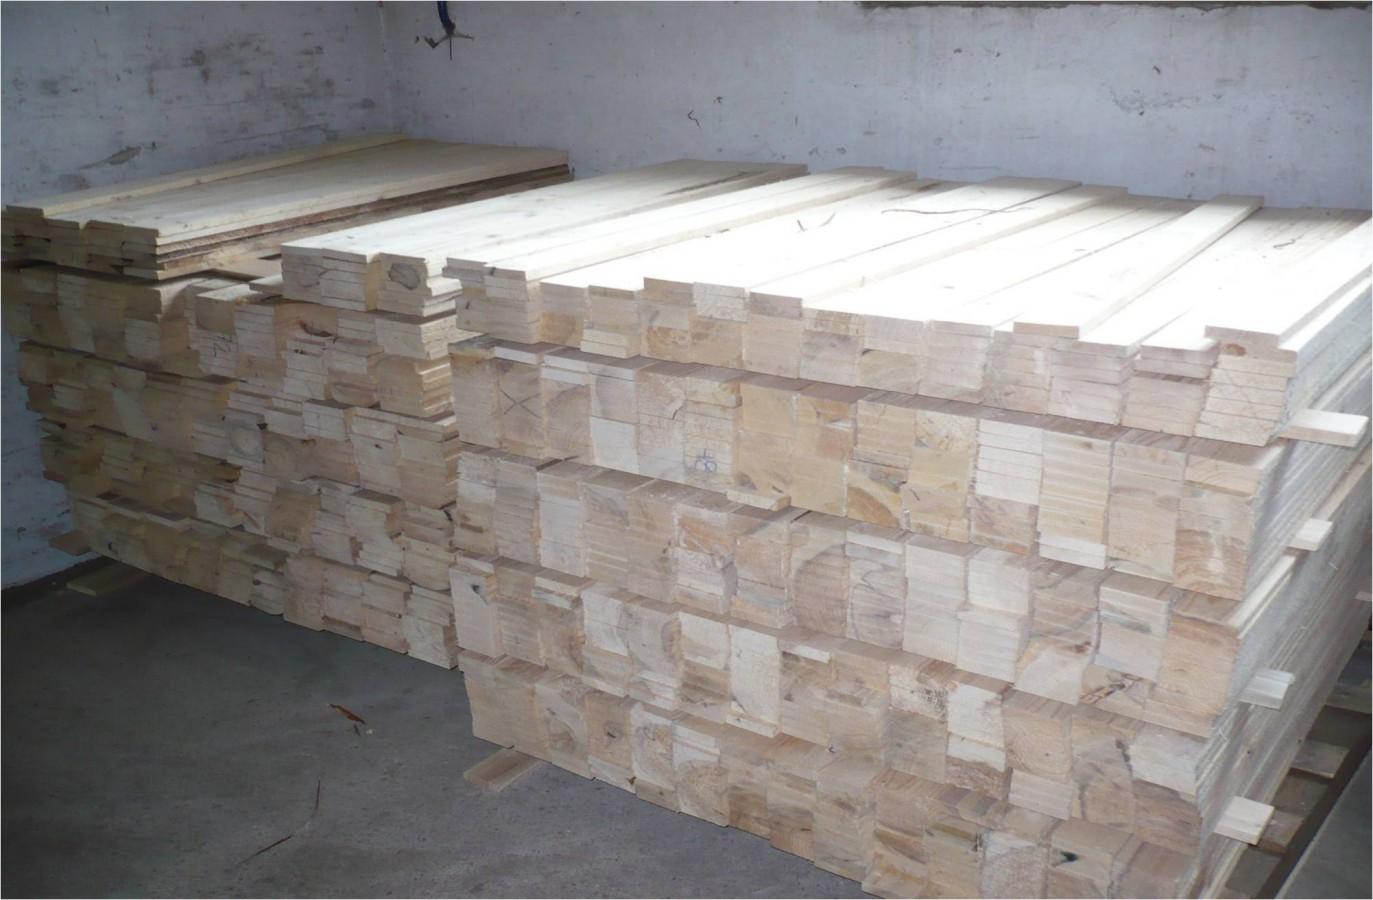 Společnost Pila Benda s.r.o. se zabývá výrobou dřevěných obalů a europalet